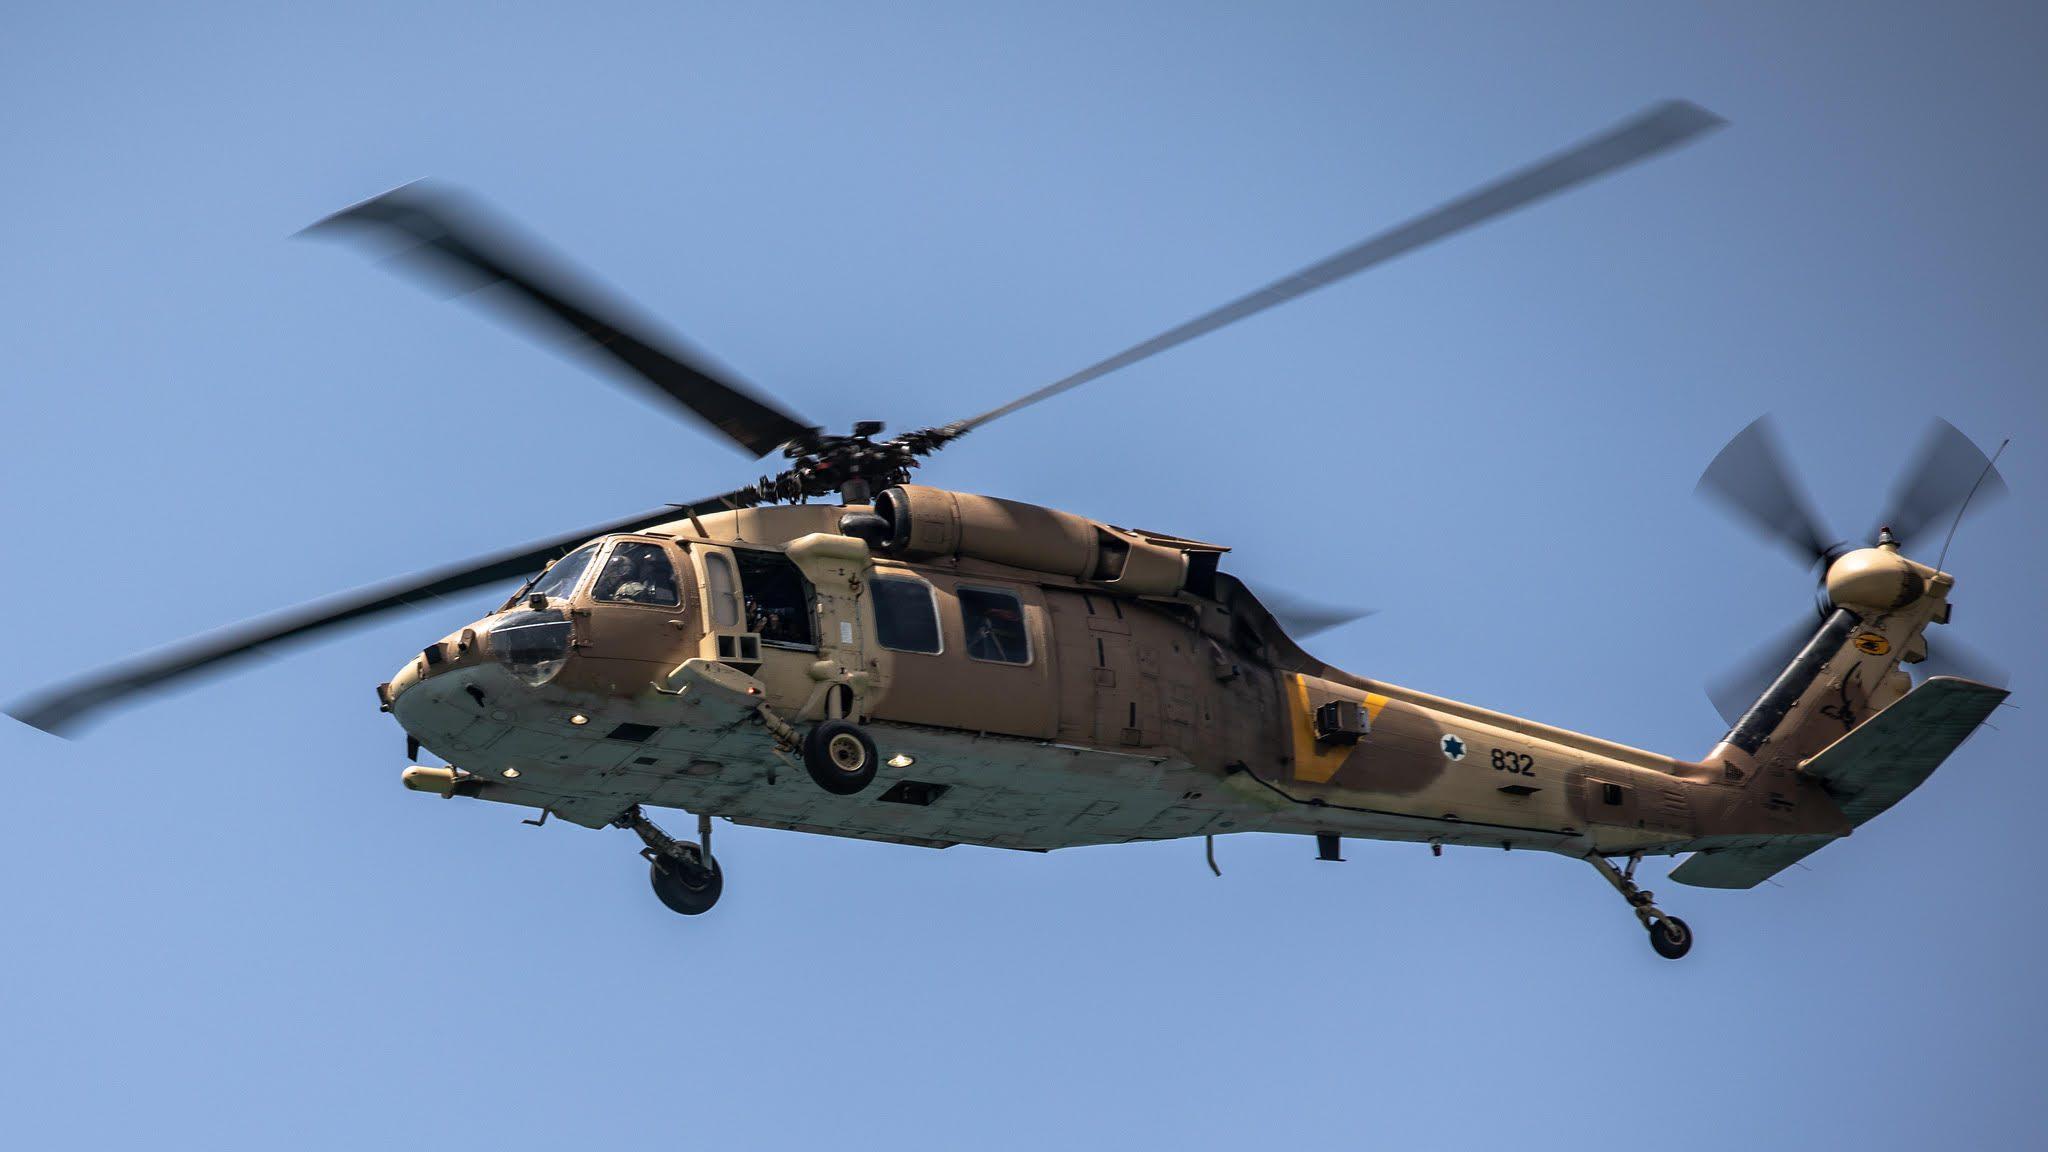 2 מצנחים ממונעים טסו בשמי קיסריה ללא תיאום – מסוקי צה